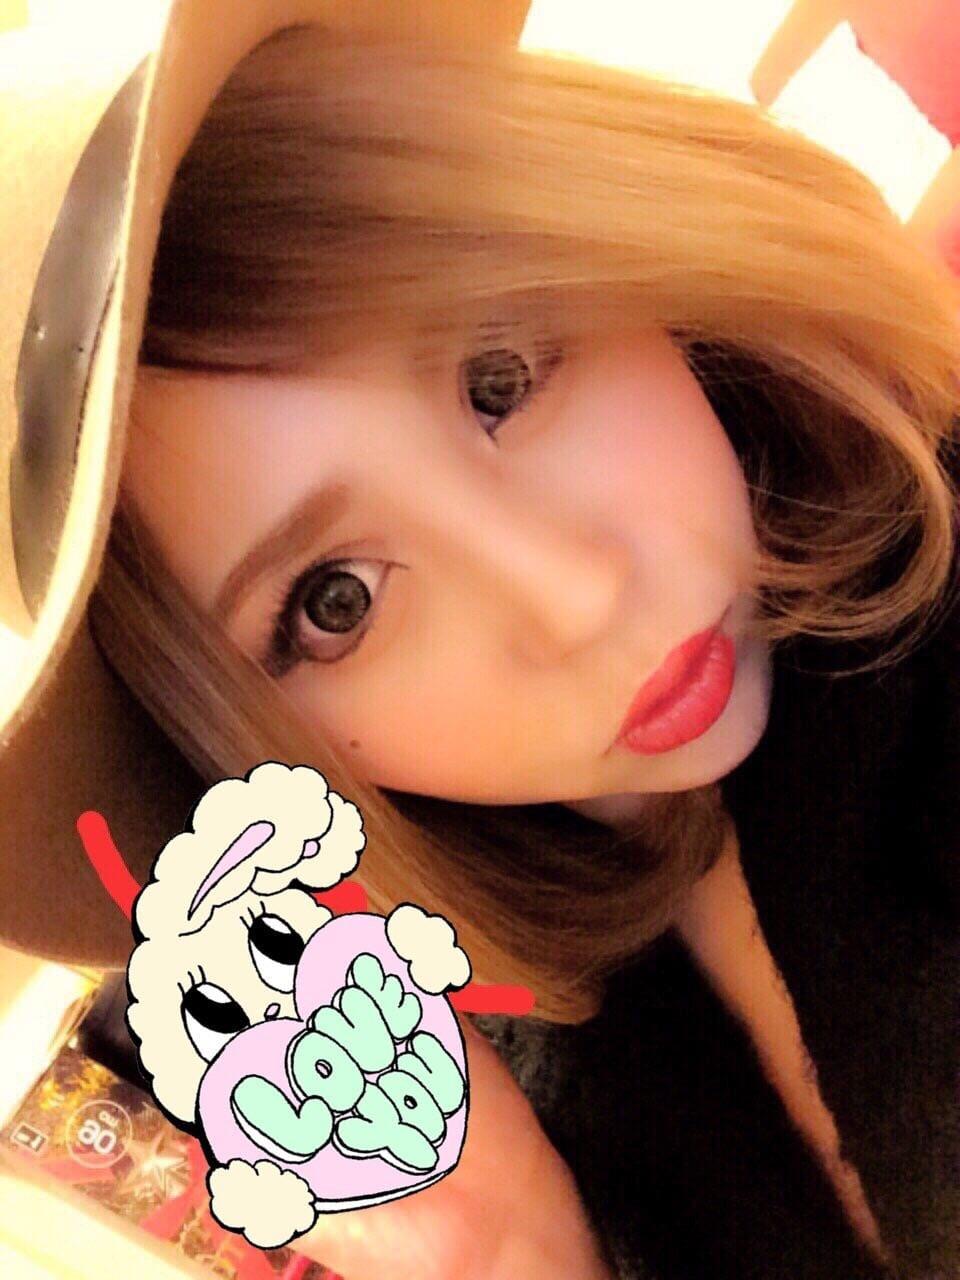 カリン「おわりーん」07/16(月) 00:50   カリンの写メ・風俗動画